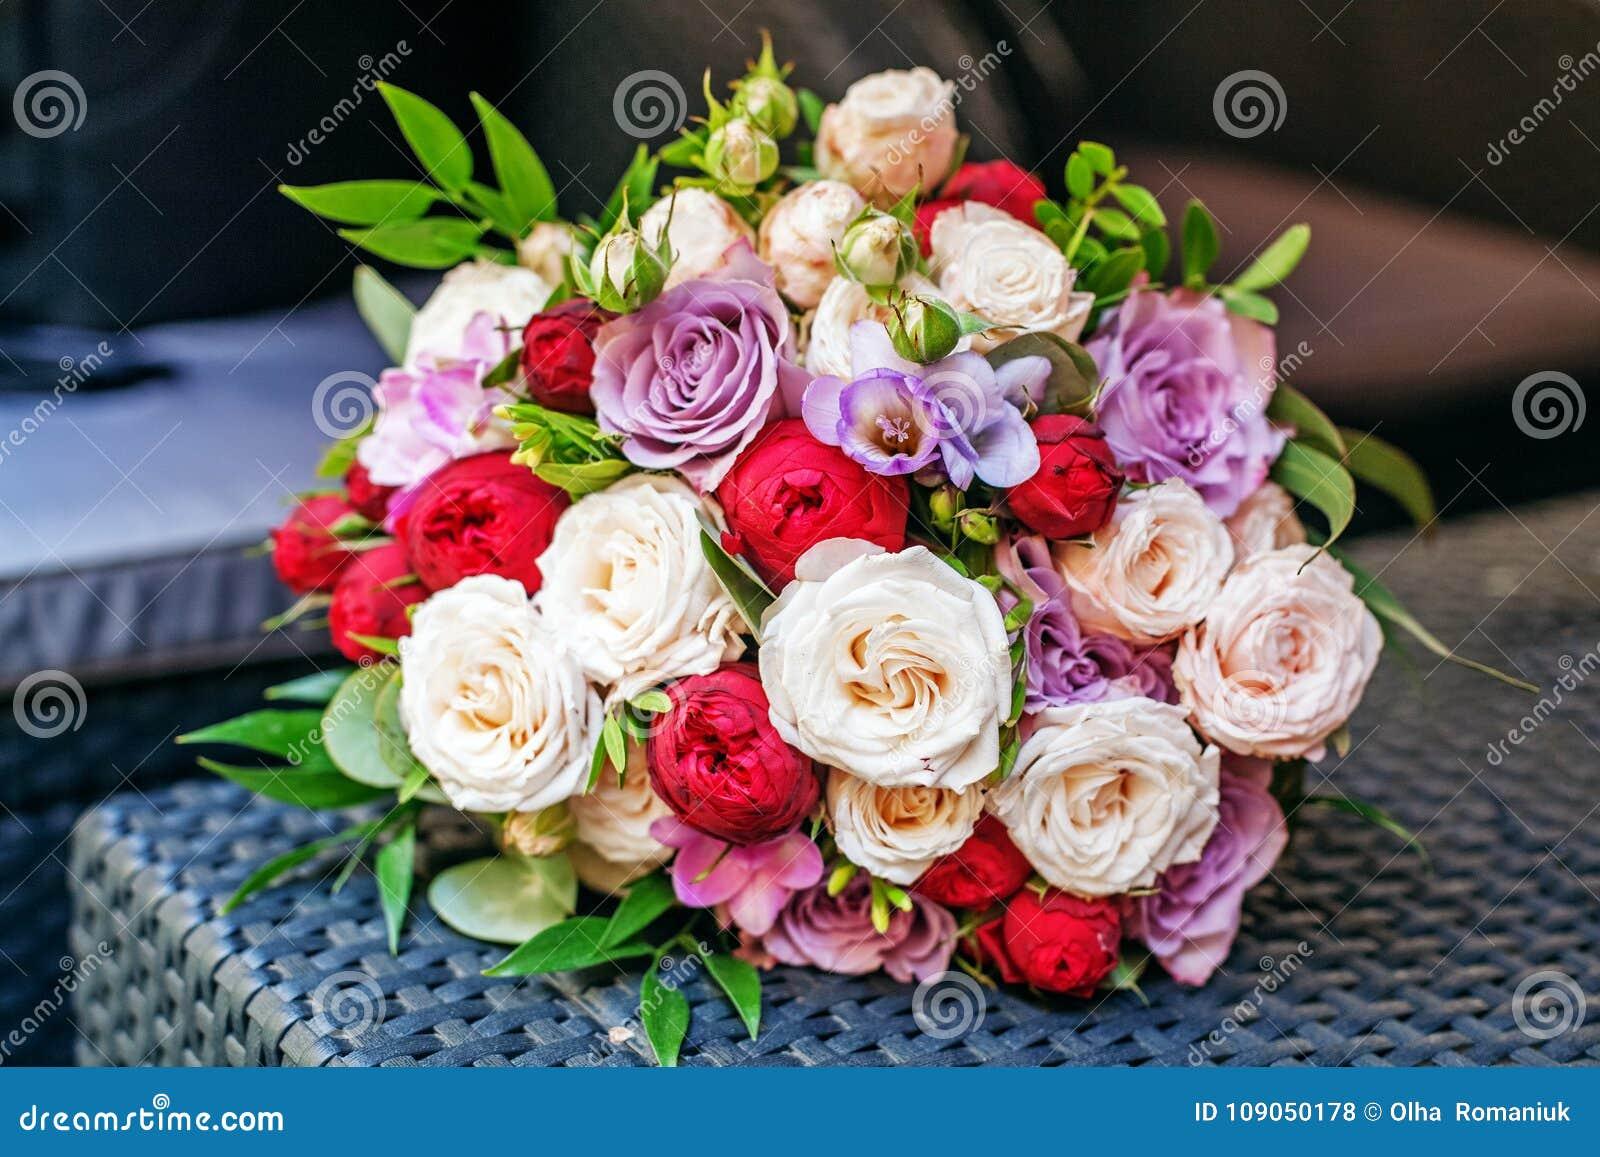 Beau Bouquet De Fleur Réunion Romantique Le Concept Du Marri